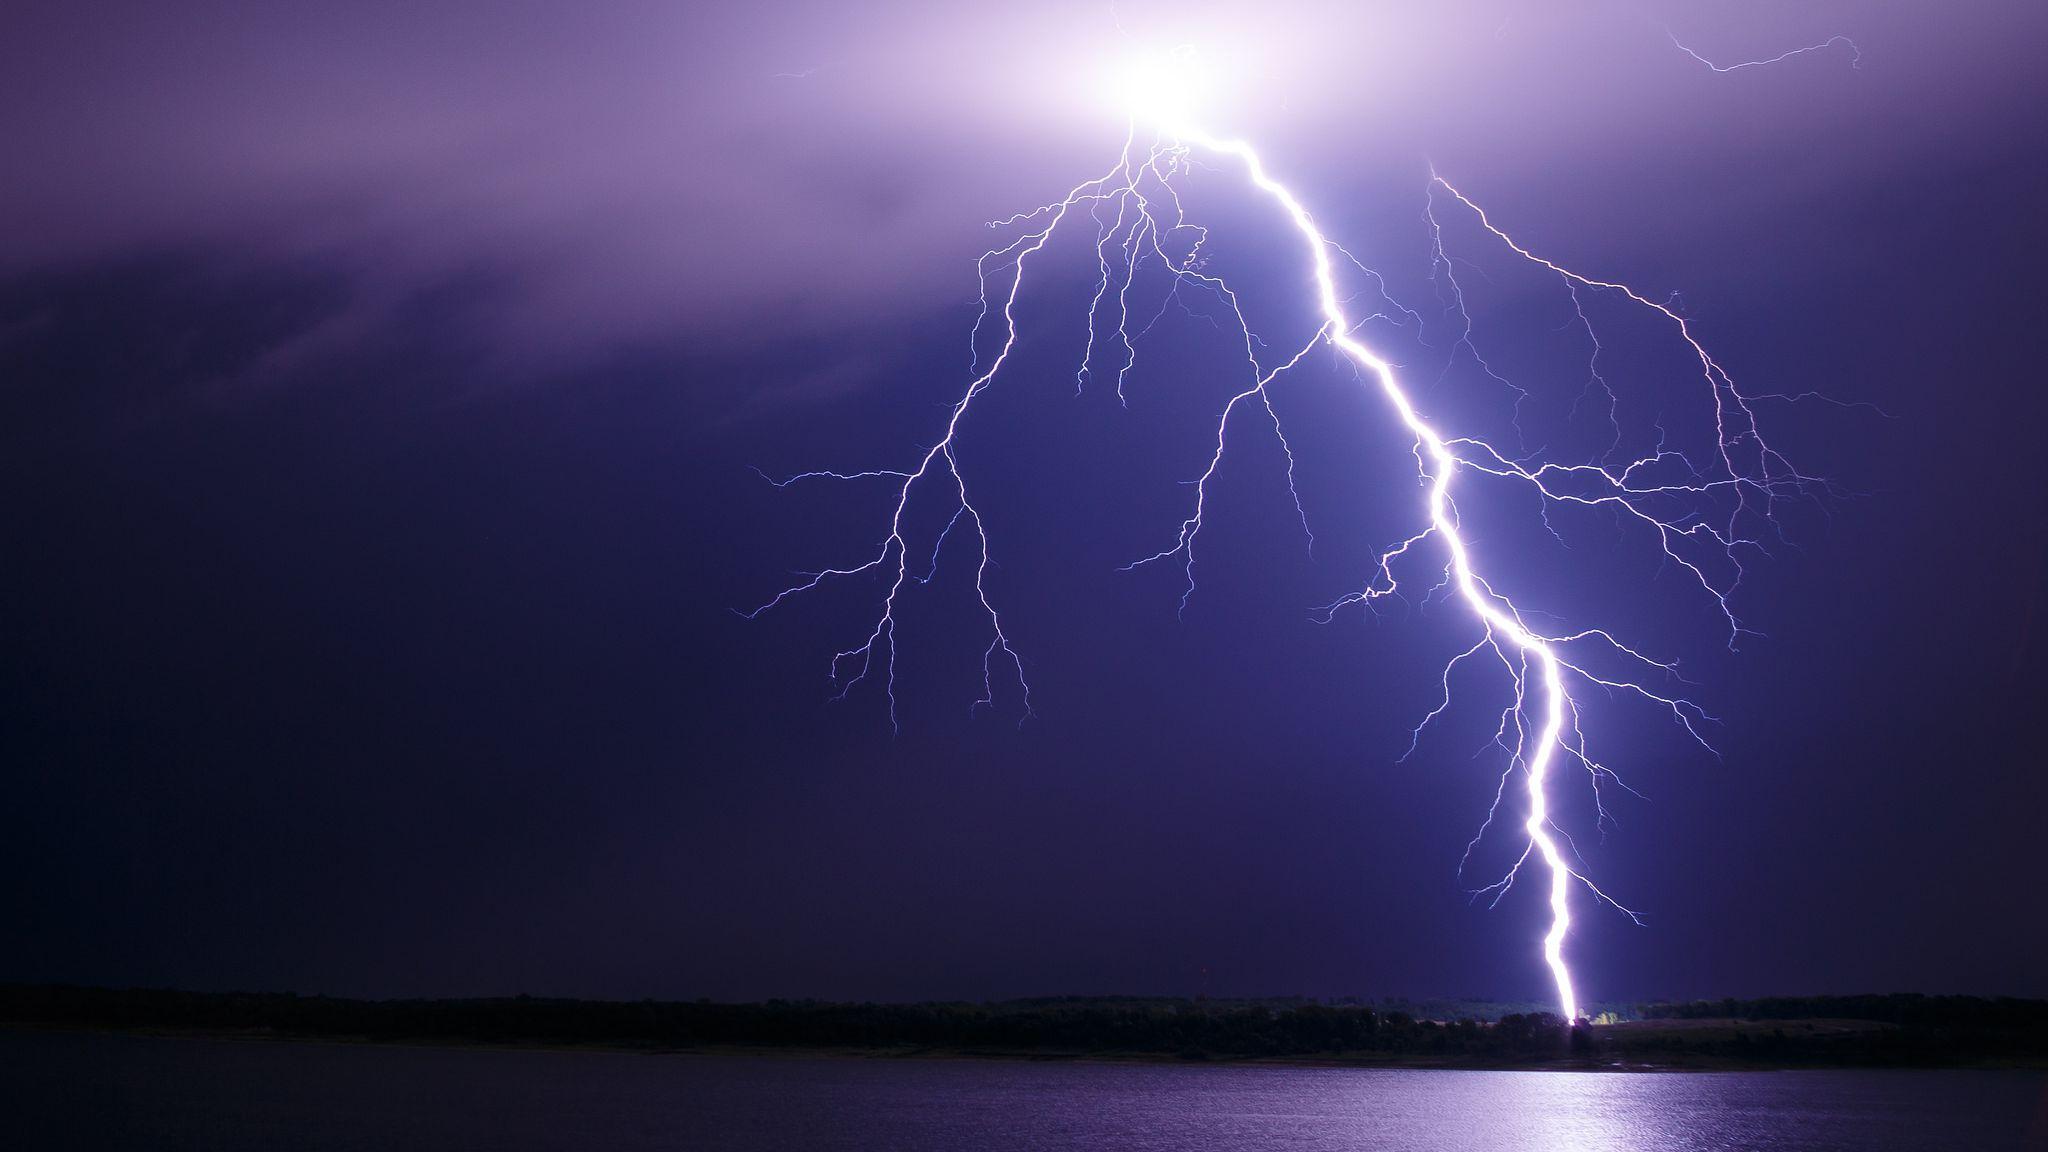 لماذا نرى ضوء البرق قبل سماع صوت الرعد